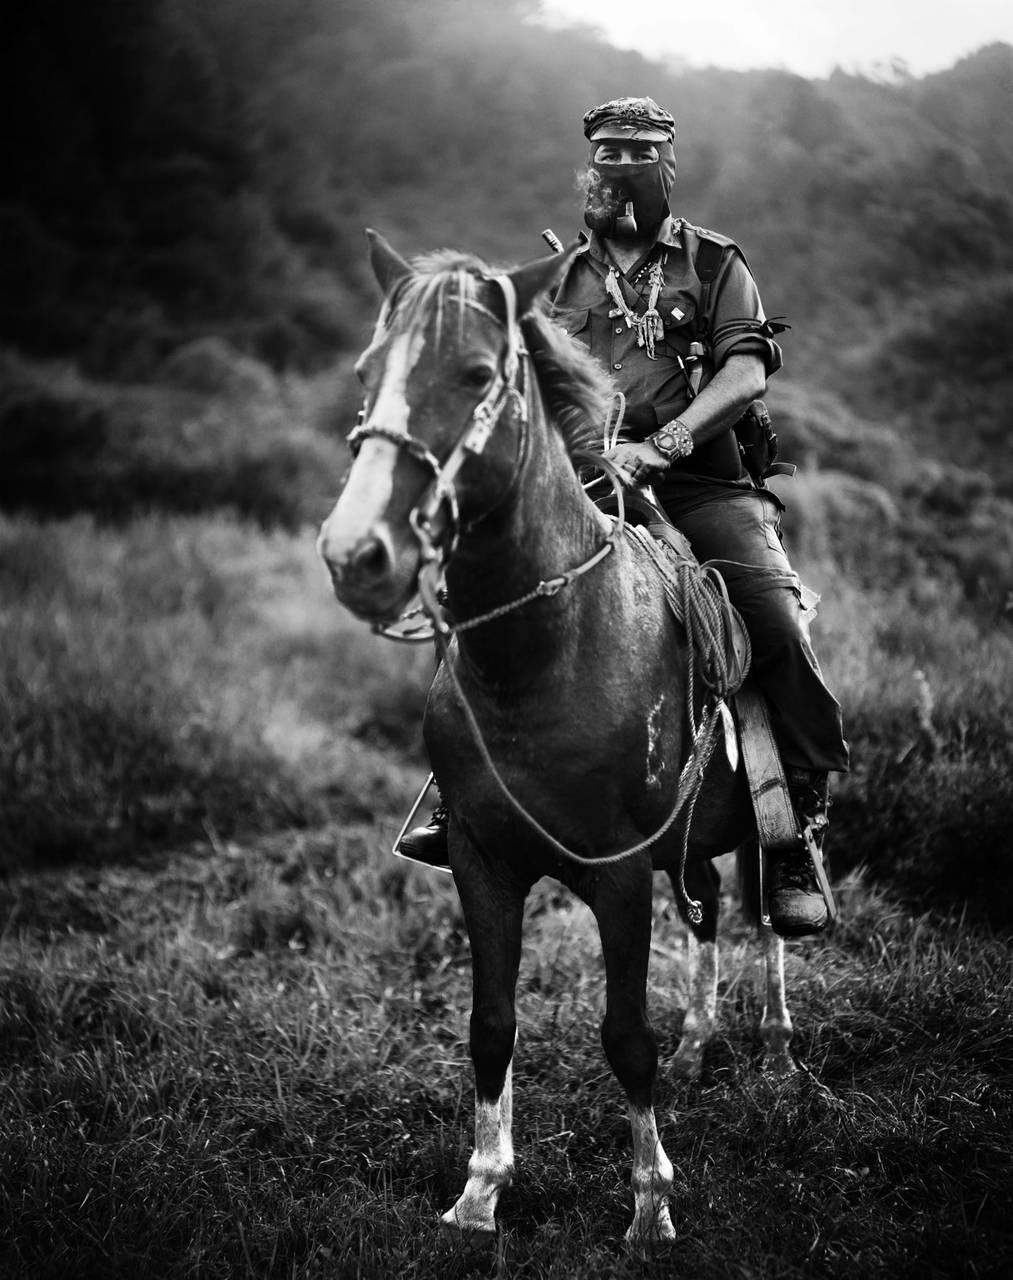 Photograph of a man riding a horse.